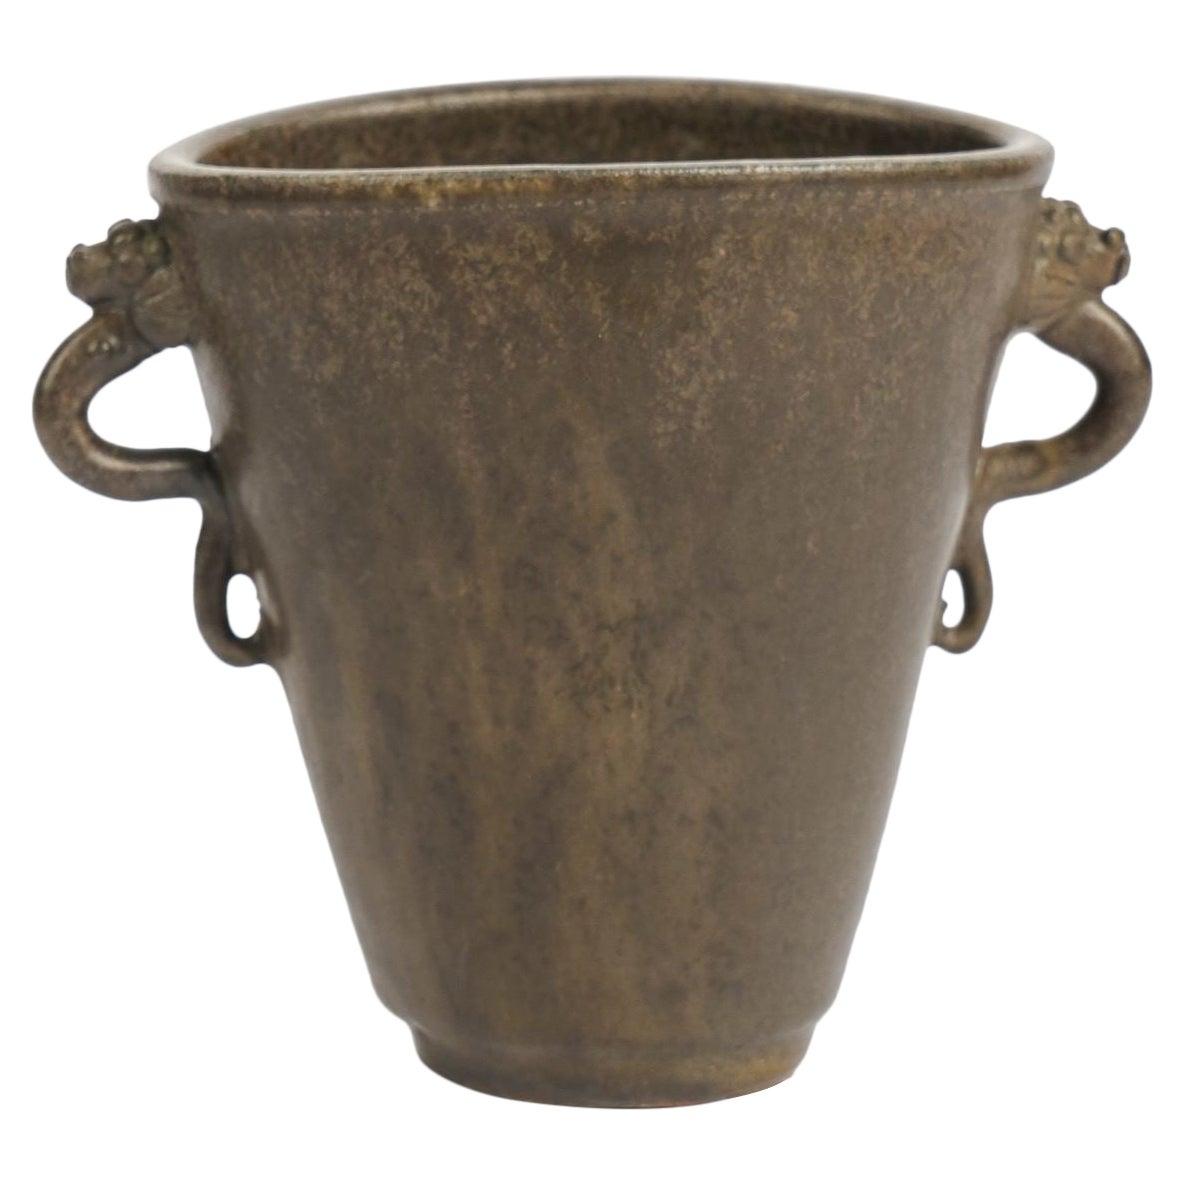 Arne Bang, Slate Colored Glazed Ceramic Vase, Denmark, 1930s